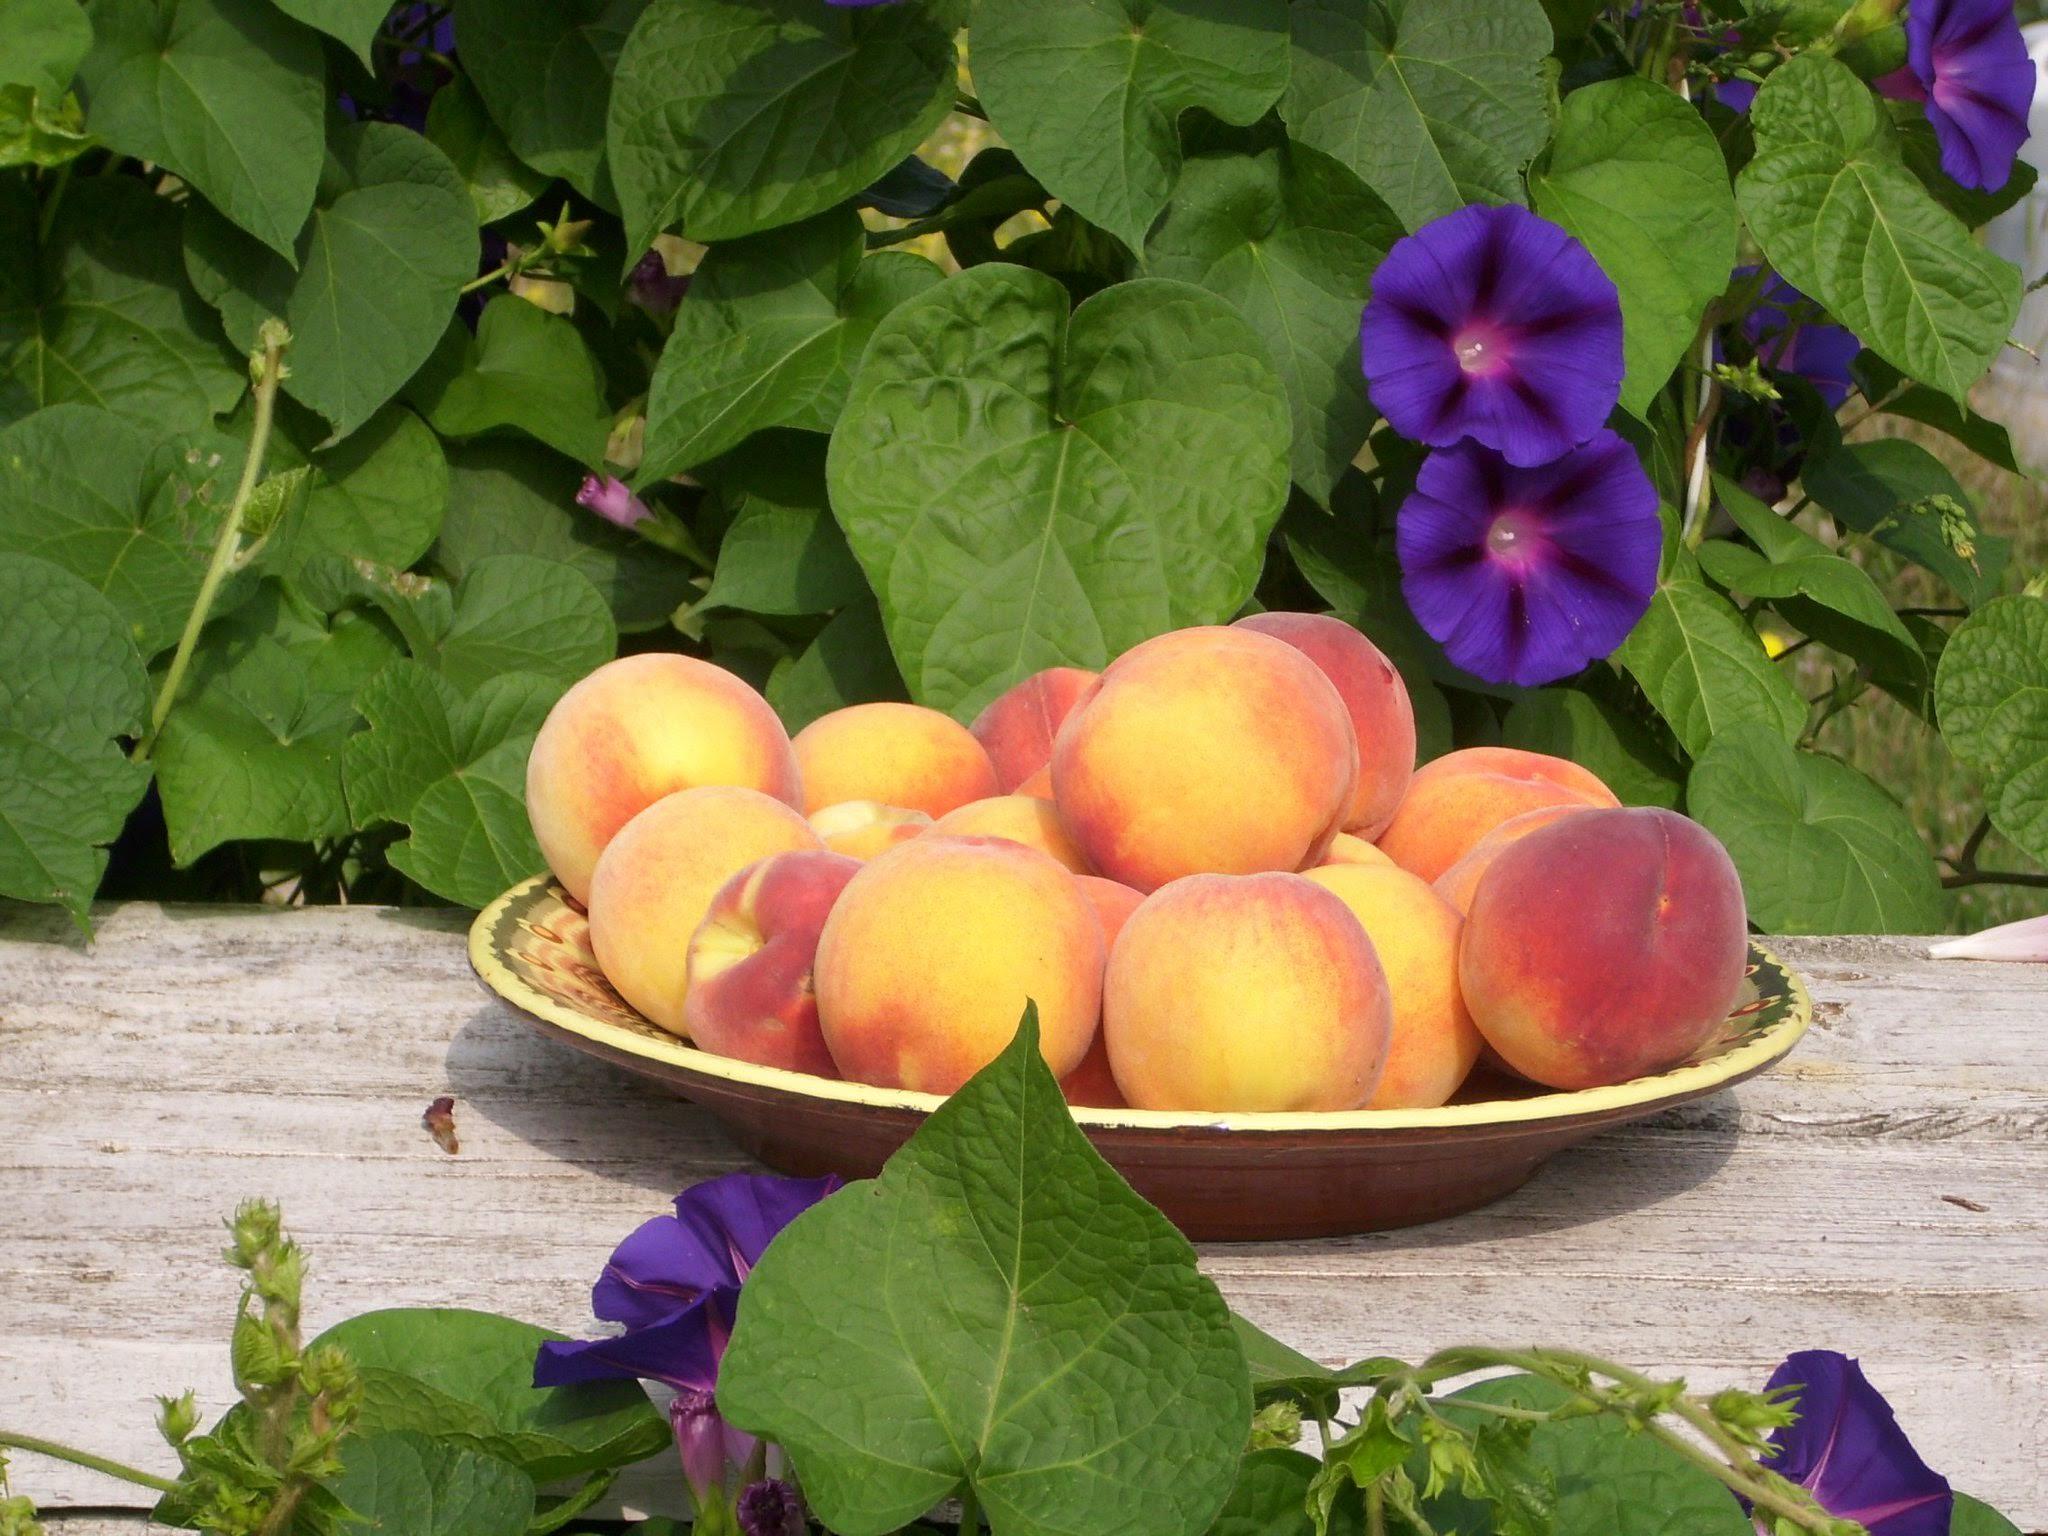 Bulgarijos saulės sunokinti, gryno oro užauginti persikai.